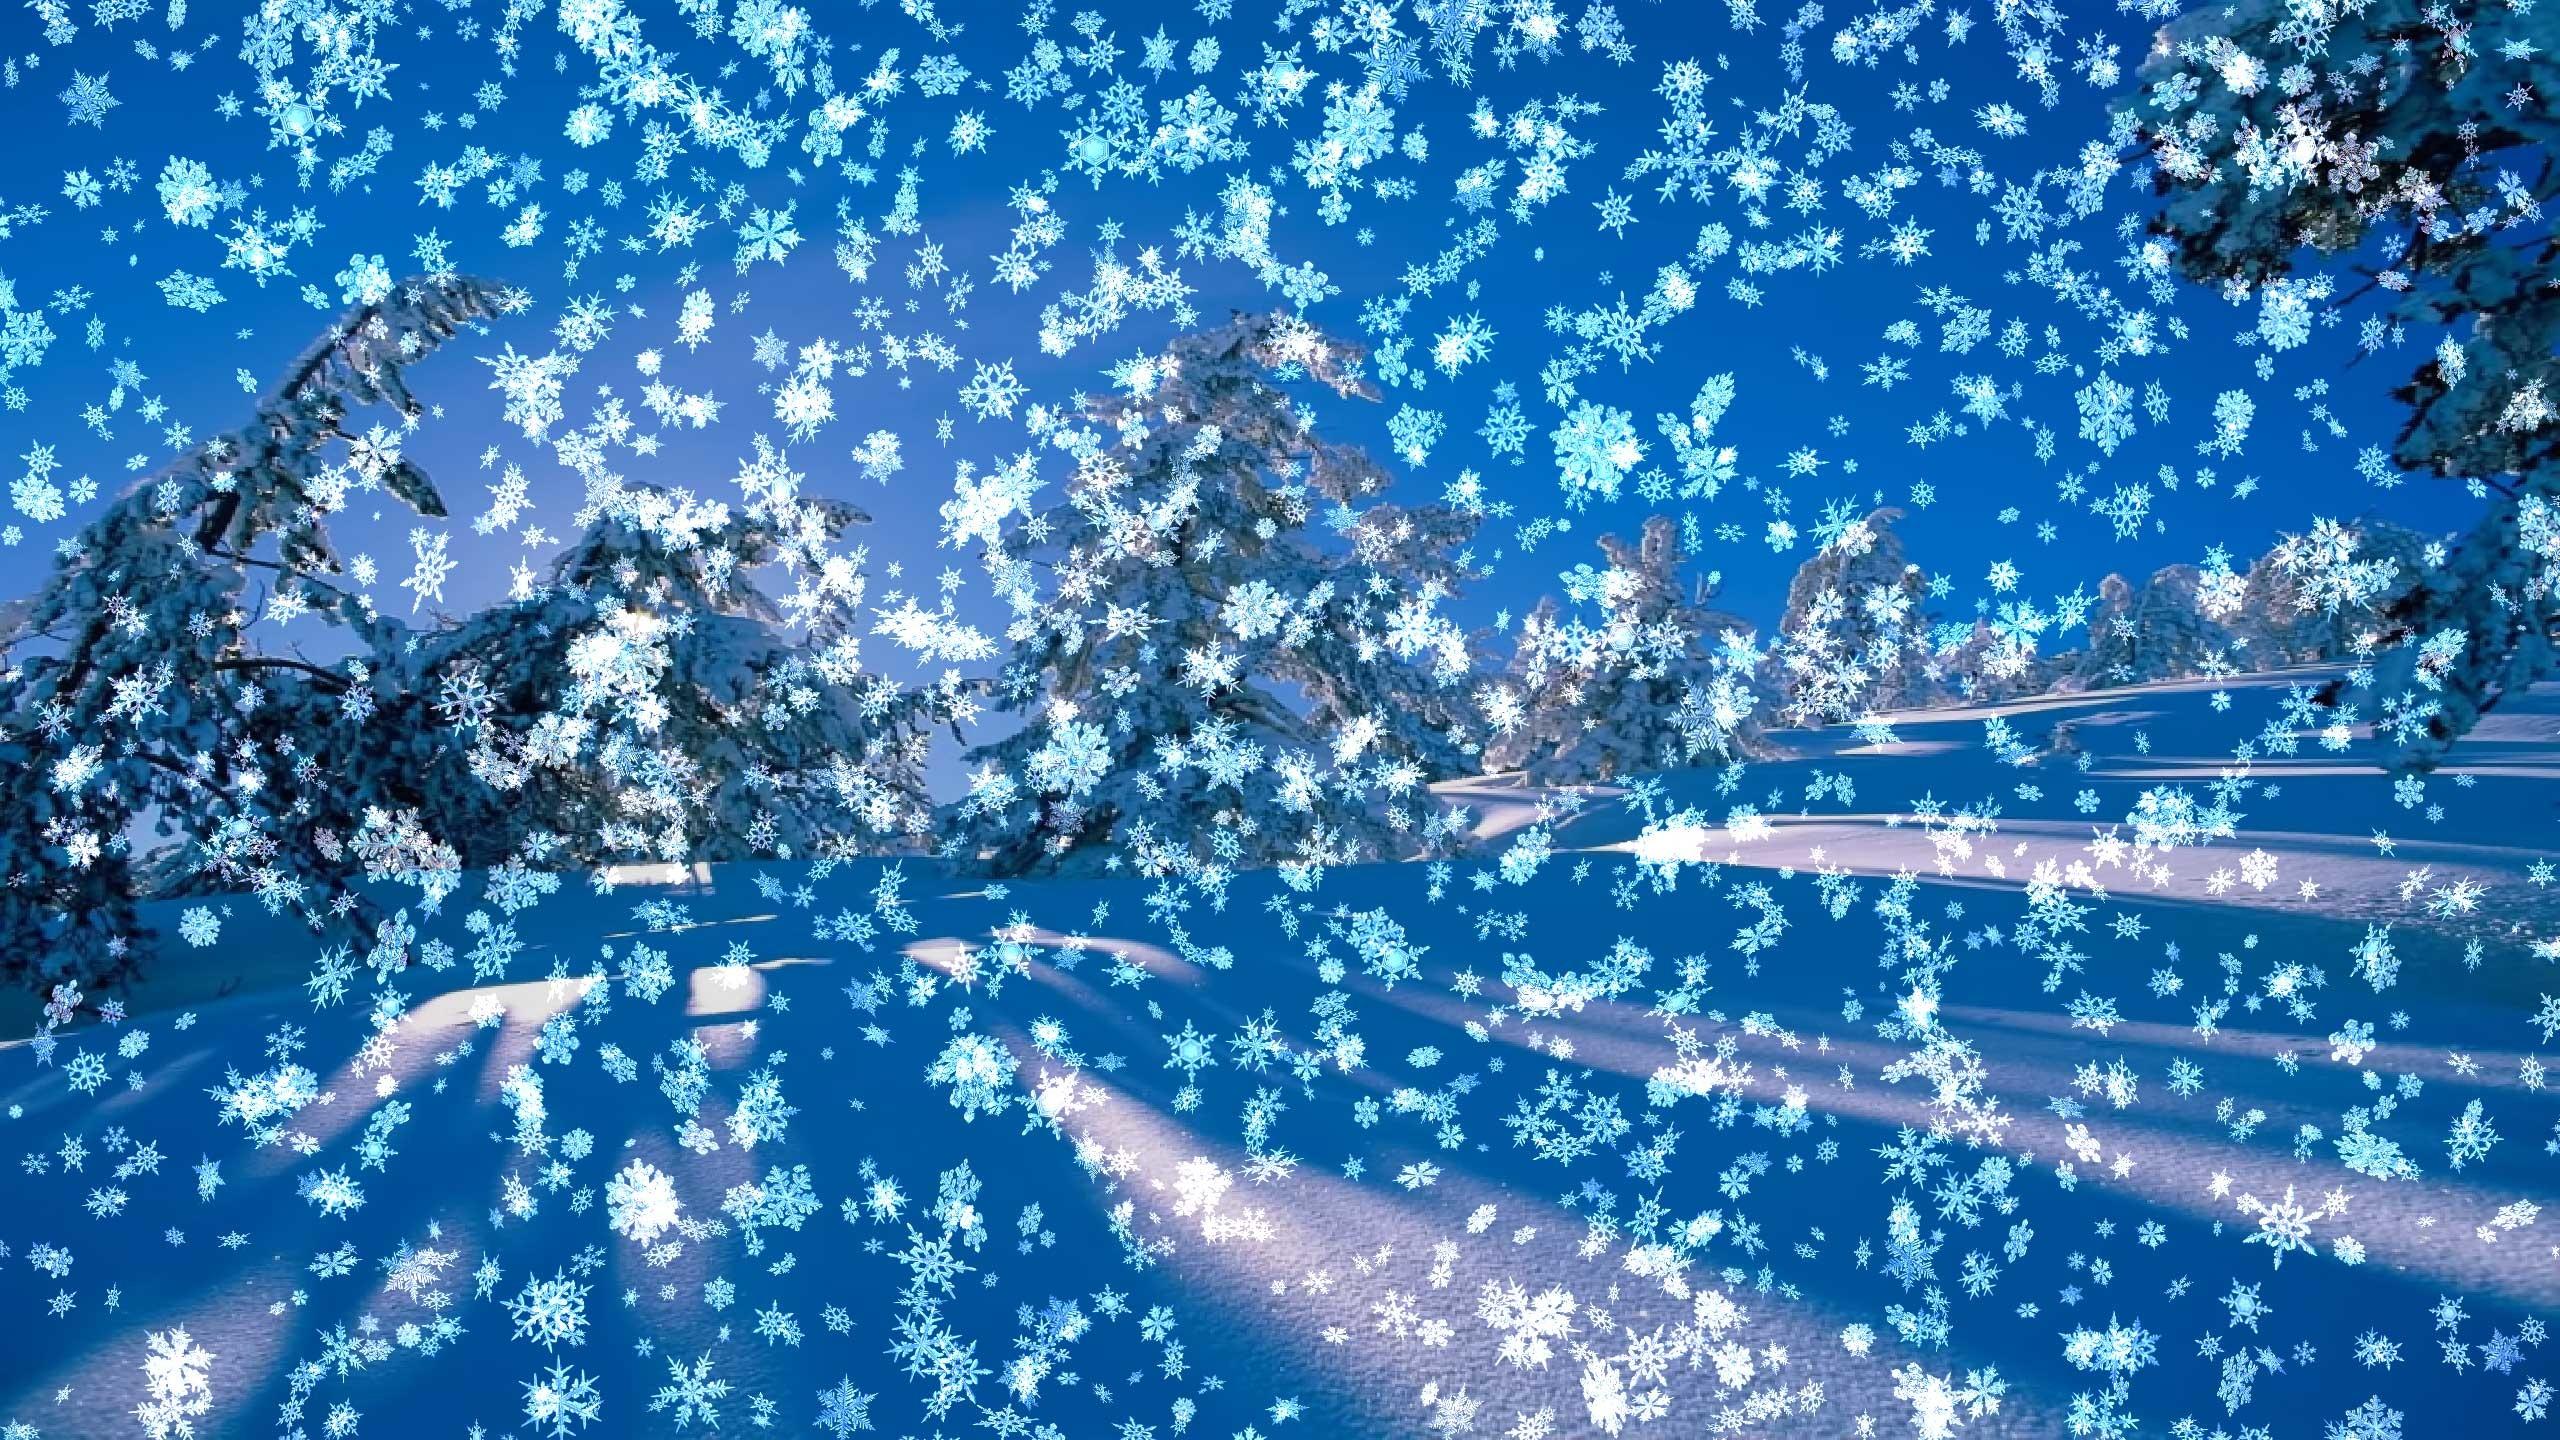 Snowy Desktop 3D. Snowy Desktop 3D is a stunning live wallpaper …